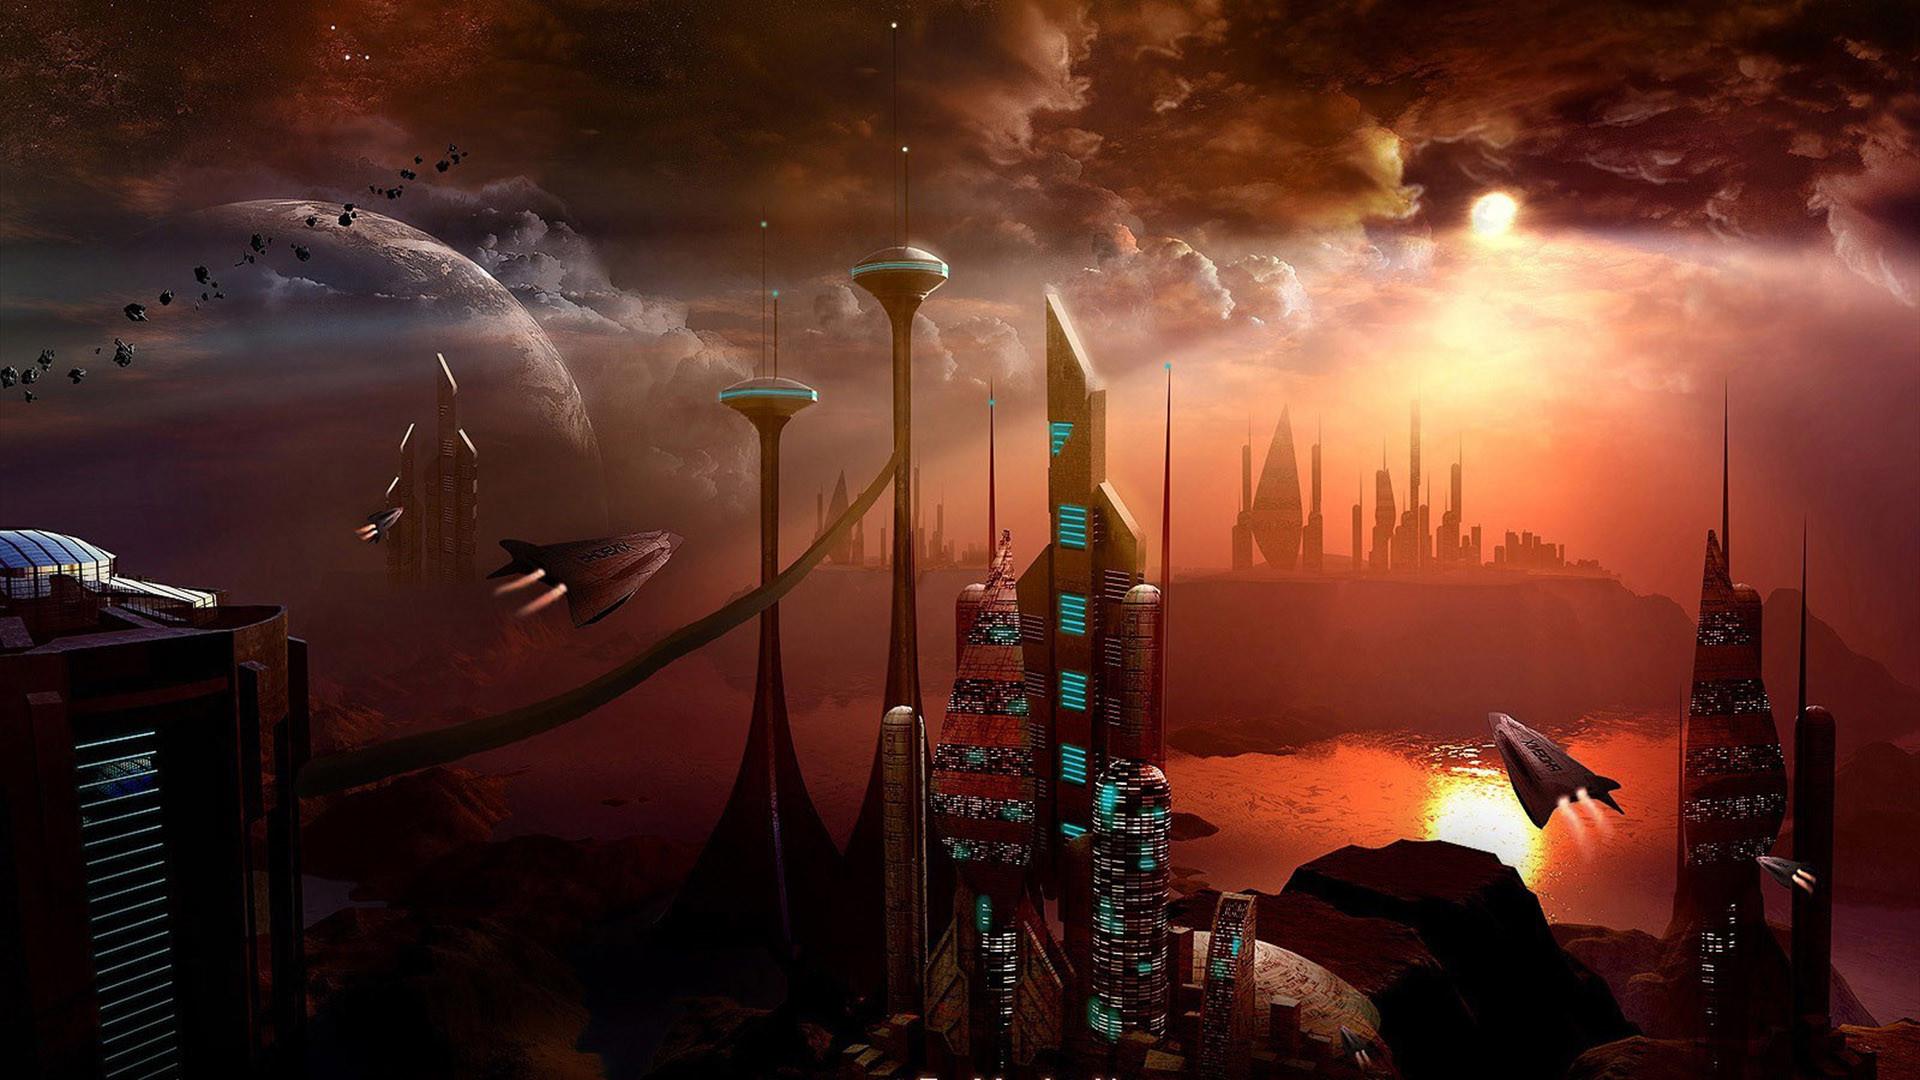 Beautiful Fantasy Future Space Desktop Wallpaper 2846 #1305